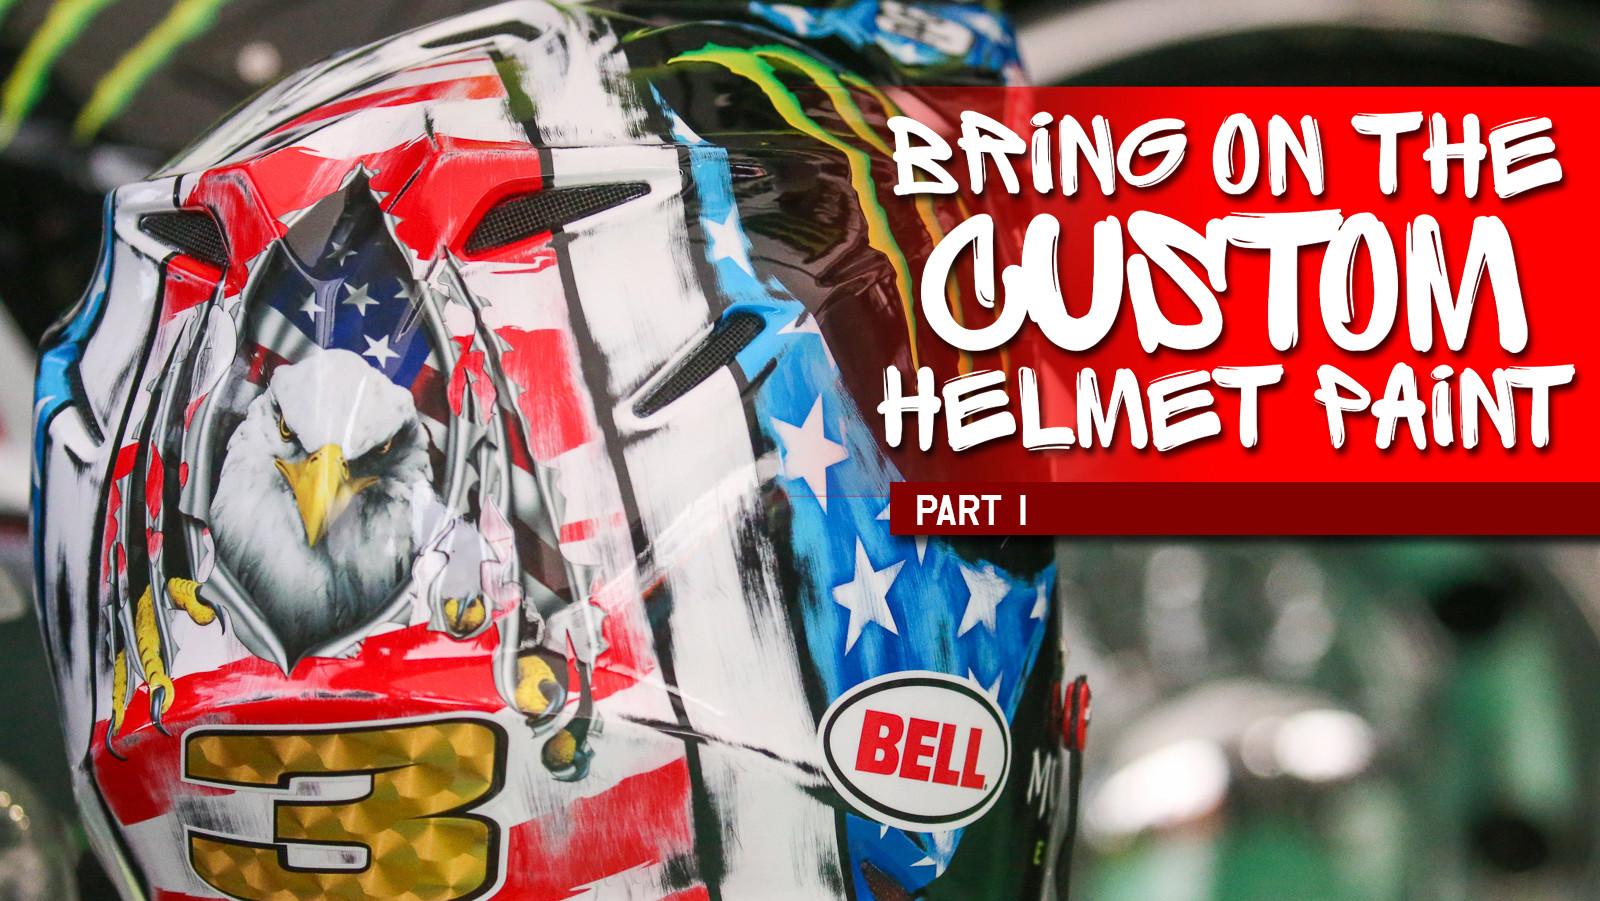 Bring On The Custom Helmet Paint, Part 1